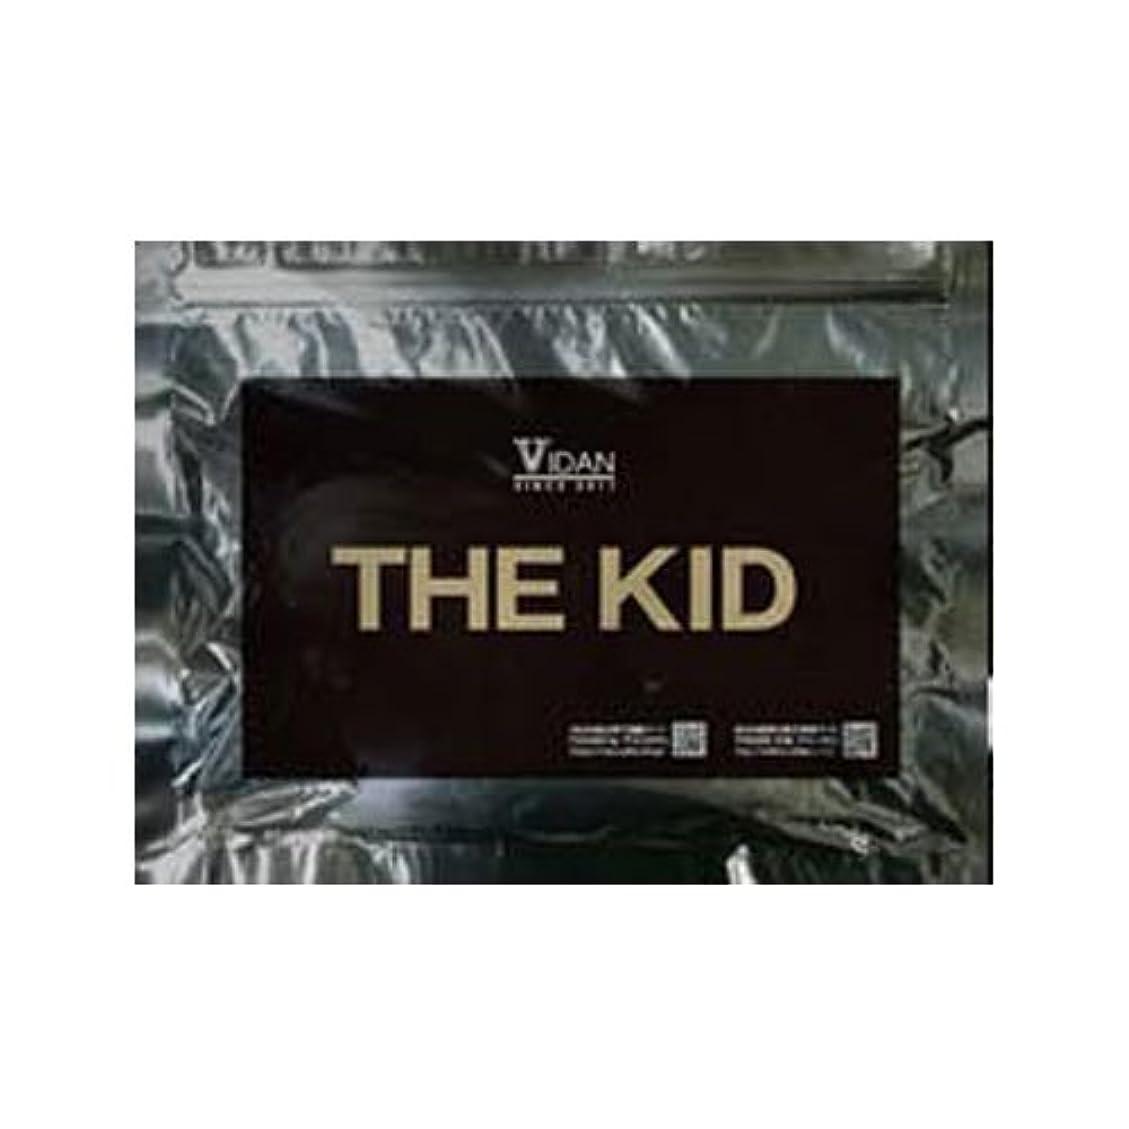 北へ代替案ジェム:ビダンザキッド VIDAN THE KID 20枚入り